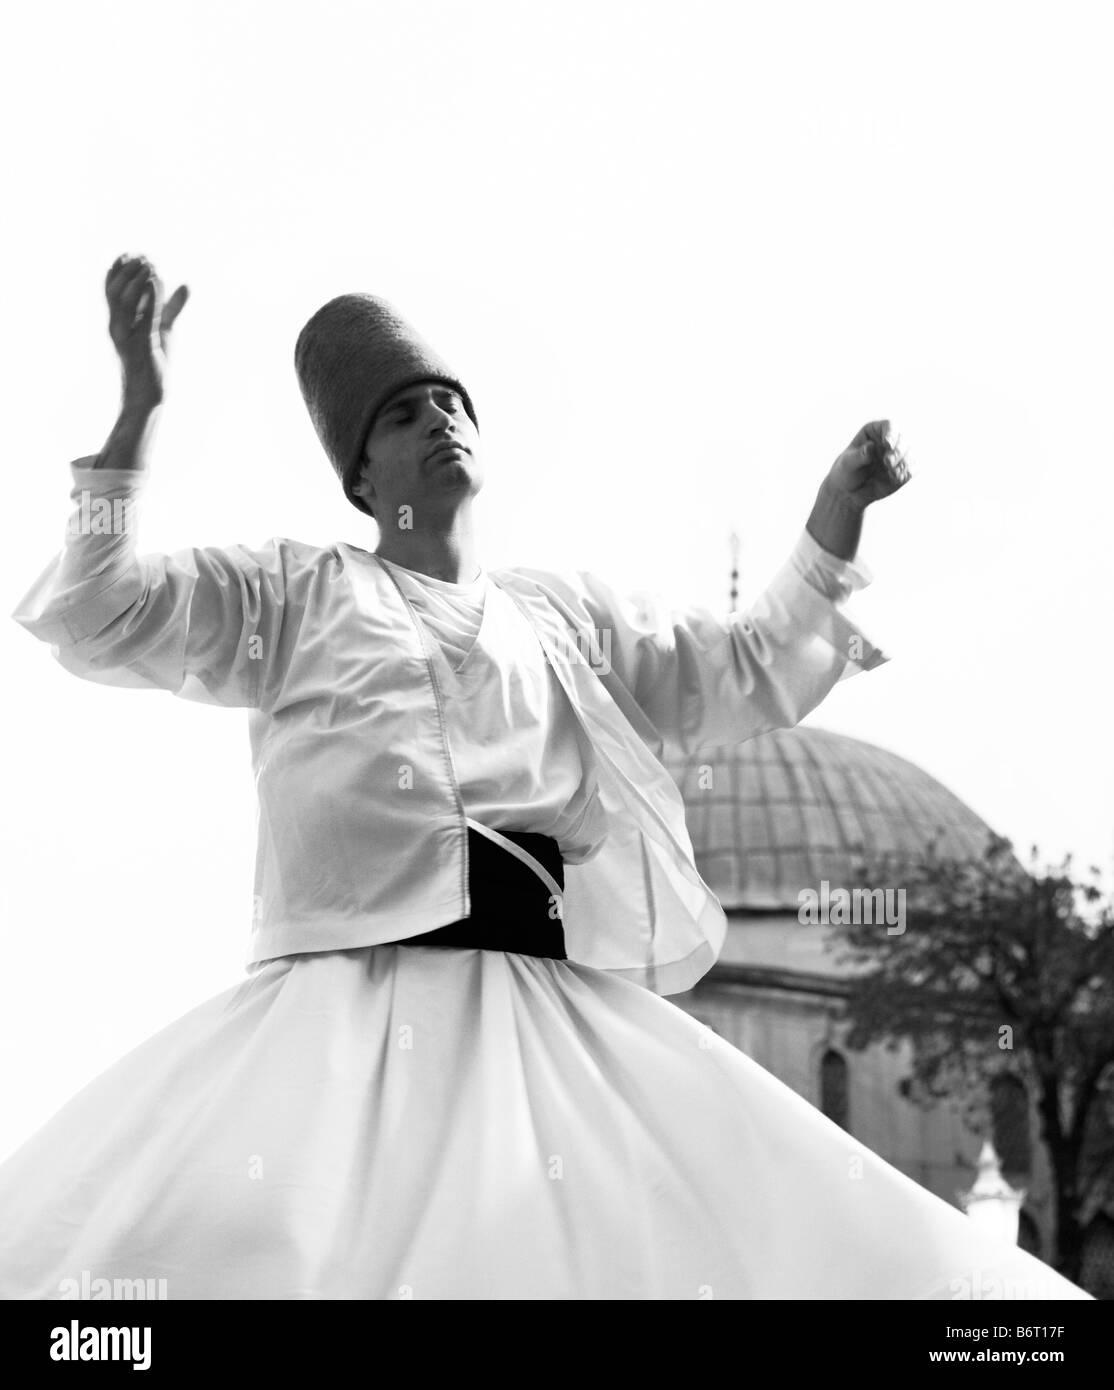 dervish dancer istanbul - Stock Image